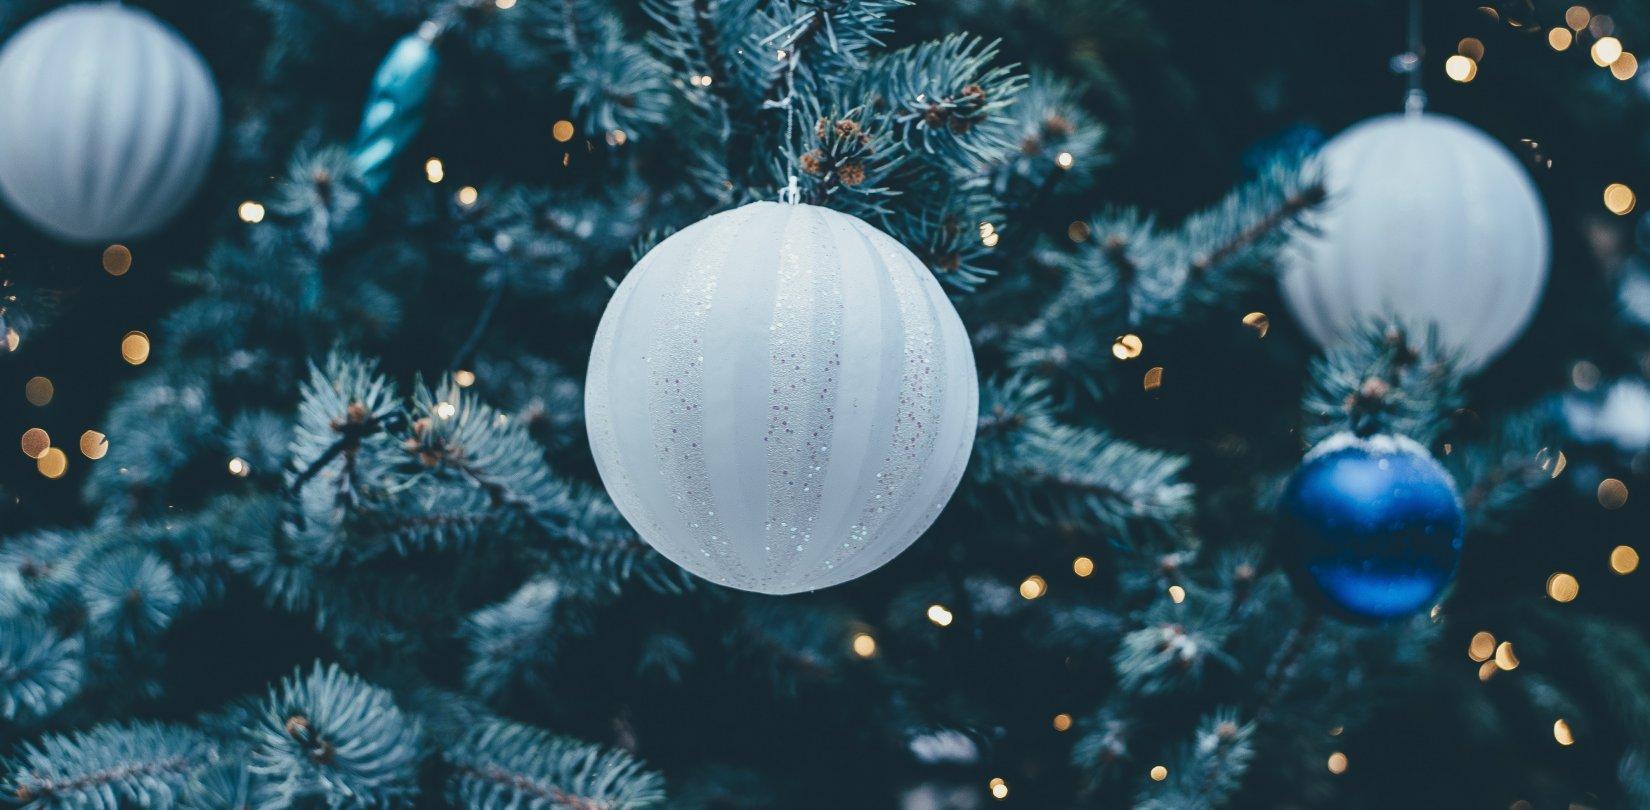 Weihnachten 2021 - 3 Übernachtungen